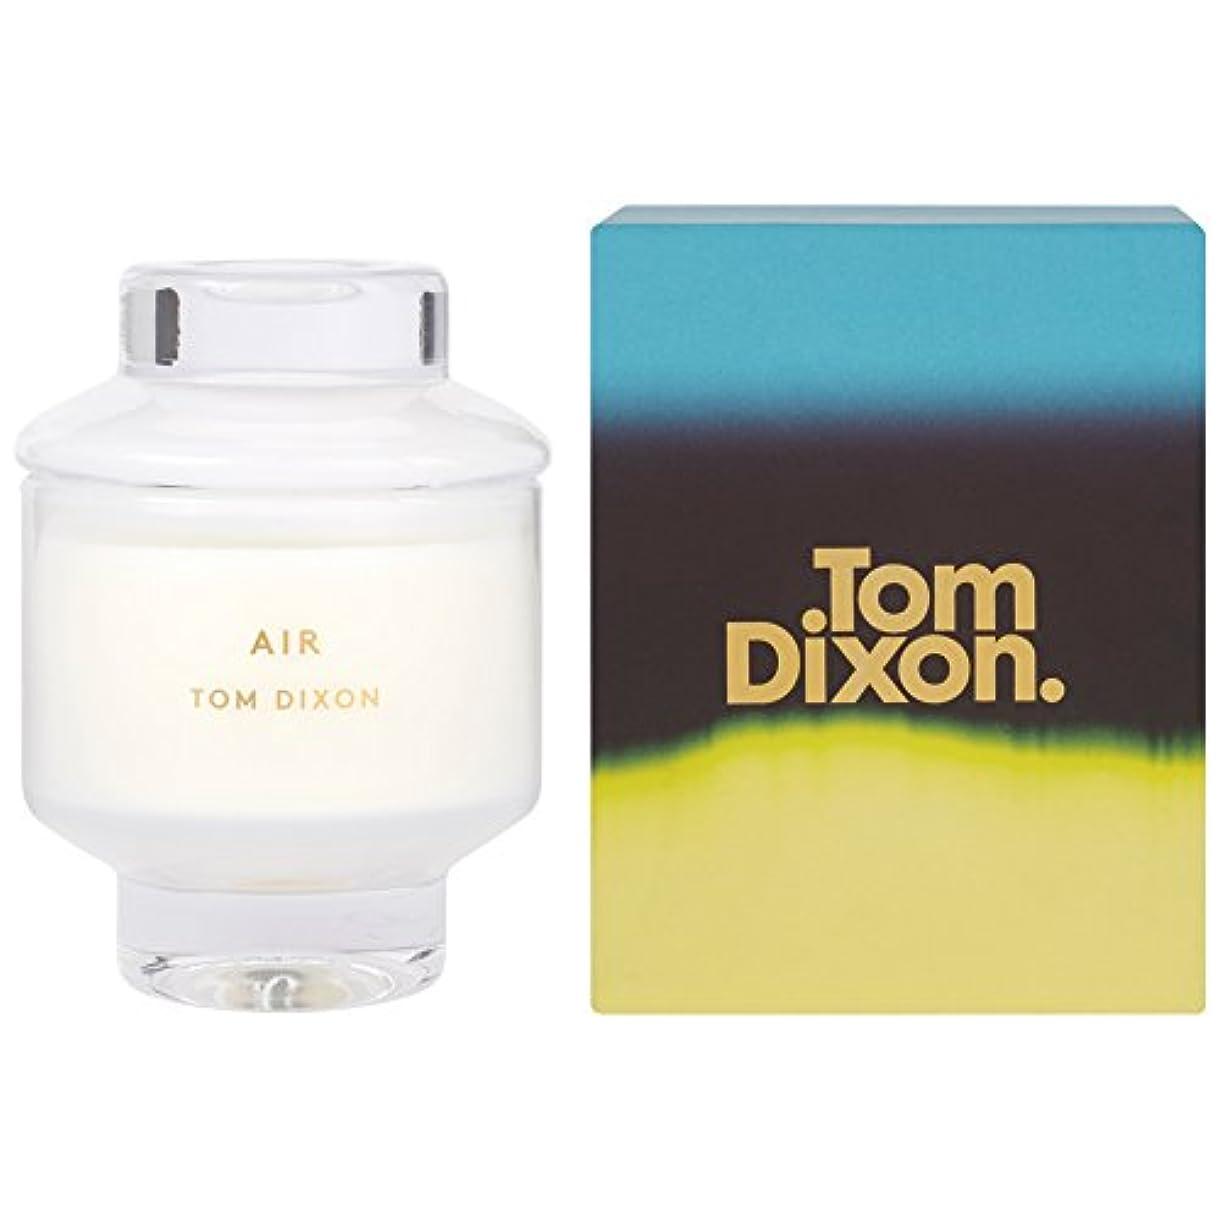 スローどこでも政策トム?ディクソン空気の香りのキャンドル媒体 x6 - Tom Dixon Air Scented Candle Medium (Pack of 6) [並行輸入品]